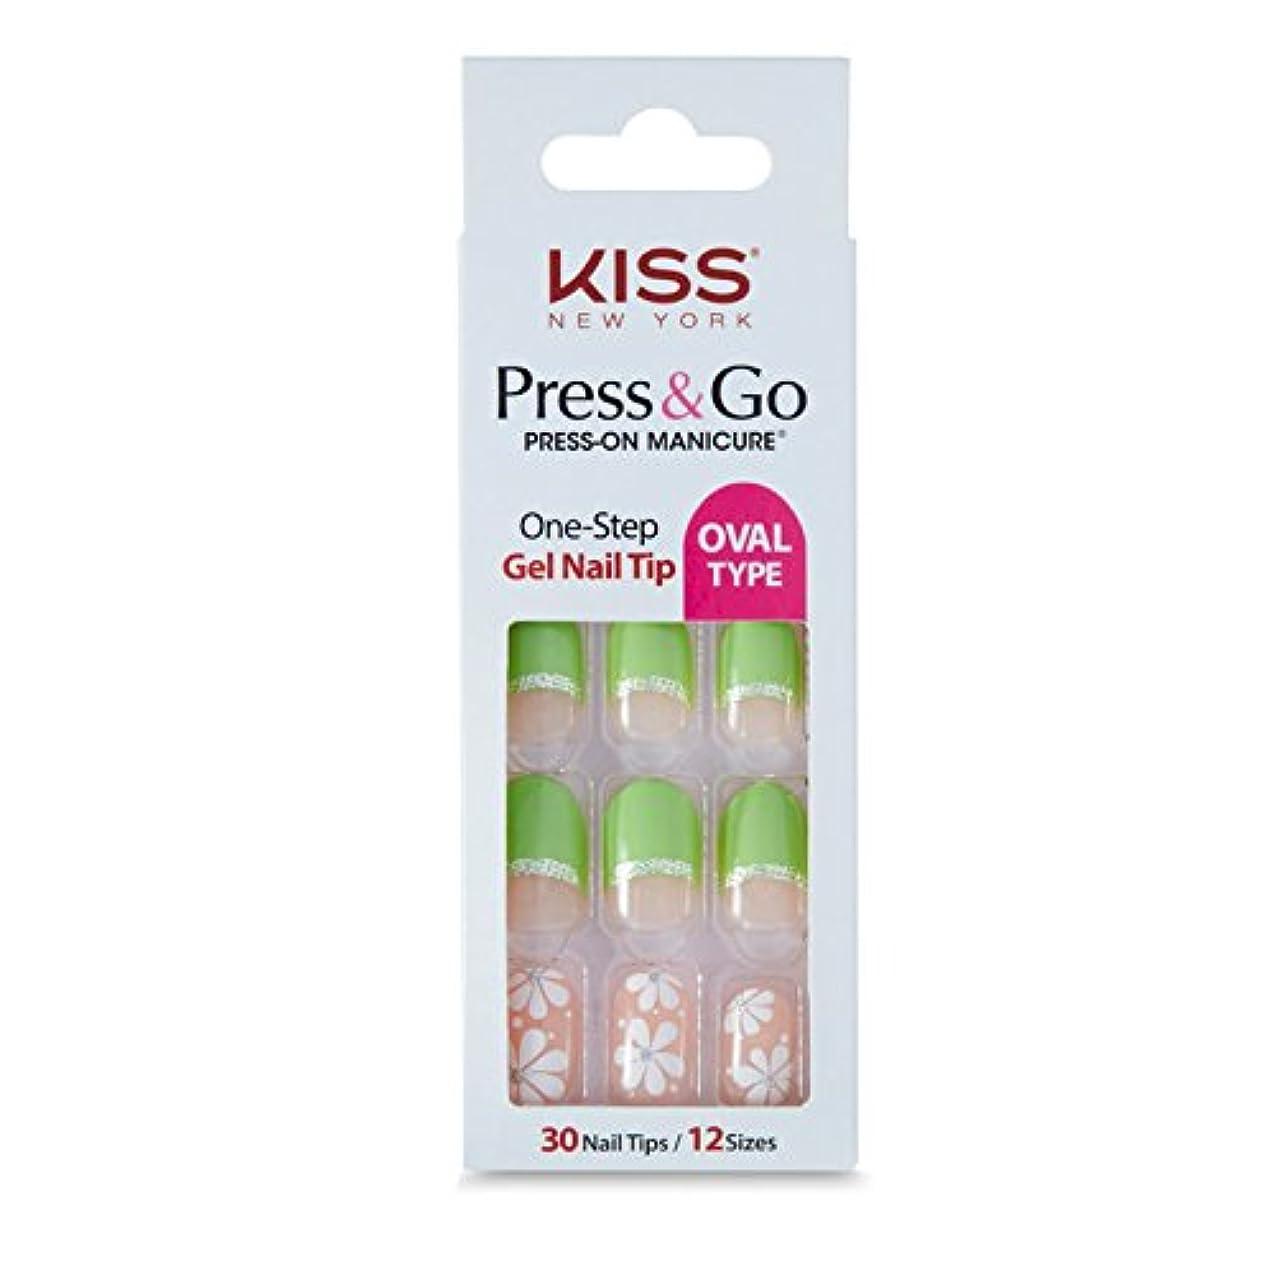 マーチャンダイザー怖い各[KISSNEWYORK]キスニューヨークプレスアンドゴーホワイトショットフレンチ(楕円形オーバルタイプ)/1秒成形ネイルPNG0102K付けるネイルPRESS&GO PRESS-ON MANICURE One-Step Gel Nail Tip/OVAL TYPE (Green Flower)